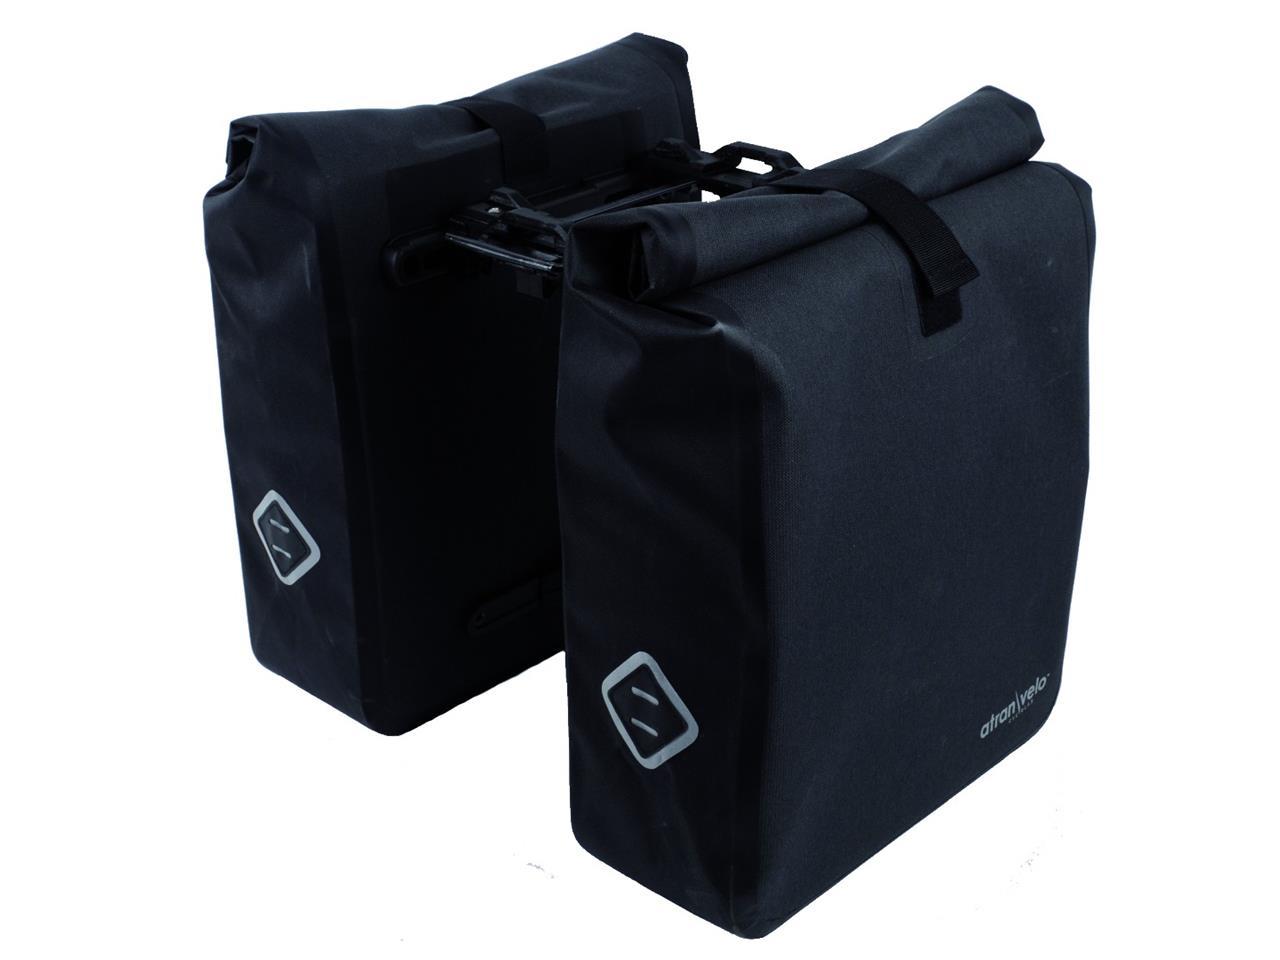 Atran Velo AVS tasker til bagagebærer